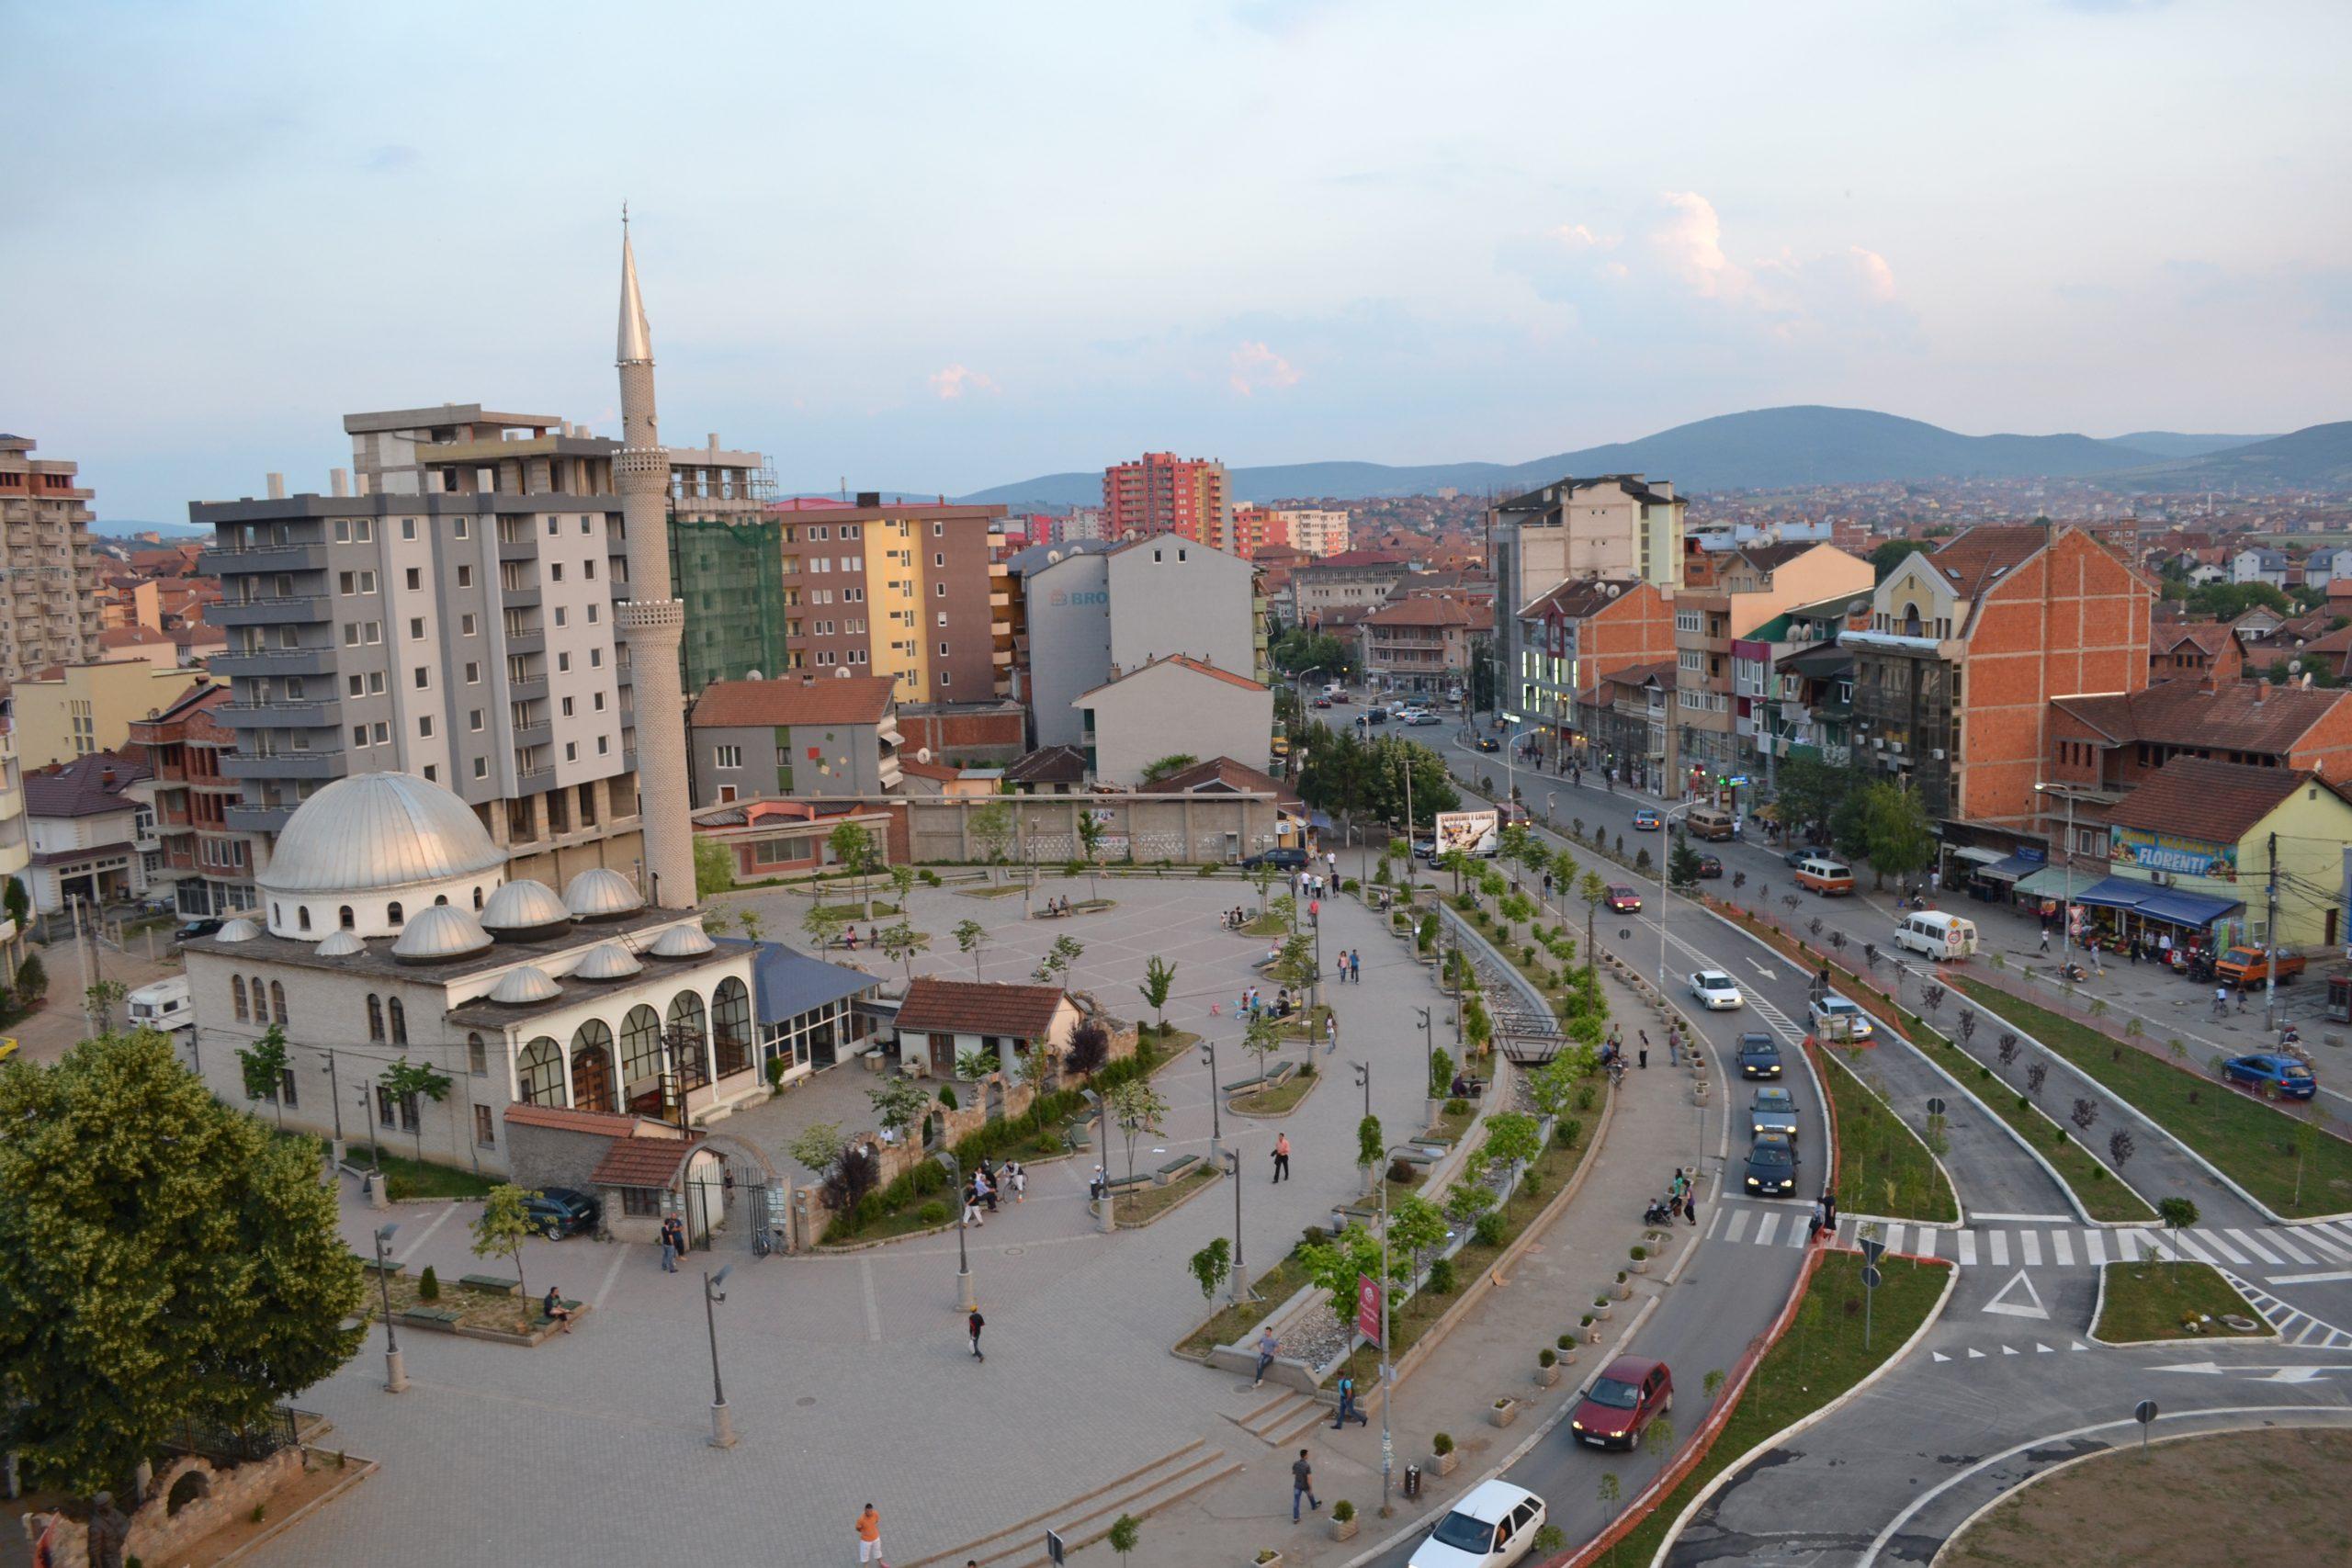 Polici e vrau me armë të shtetit të riun në treg pas mosmarrëveshjeve për disa fidanë